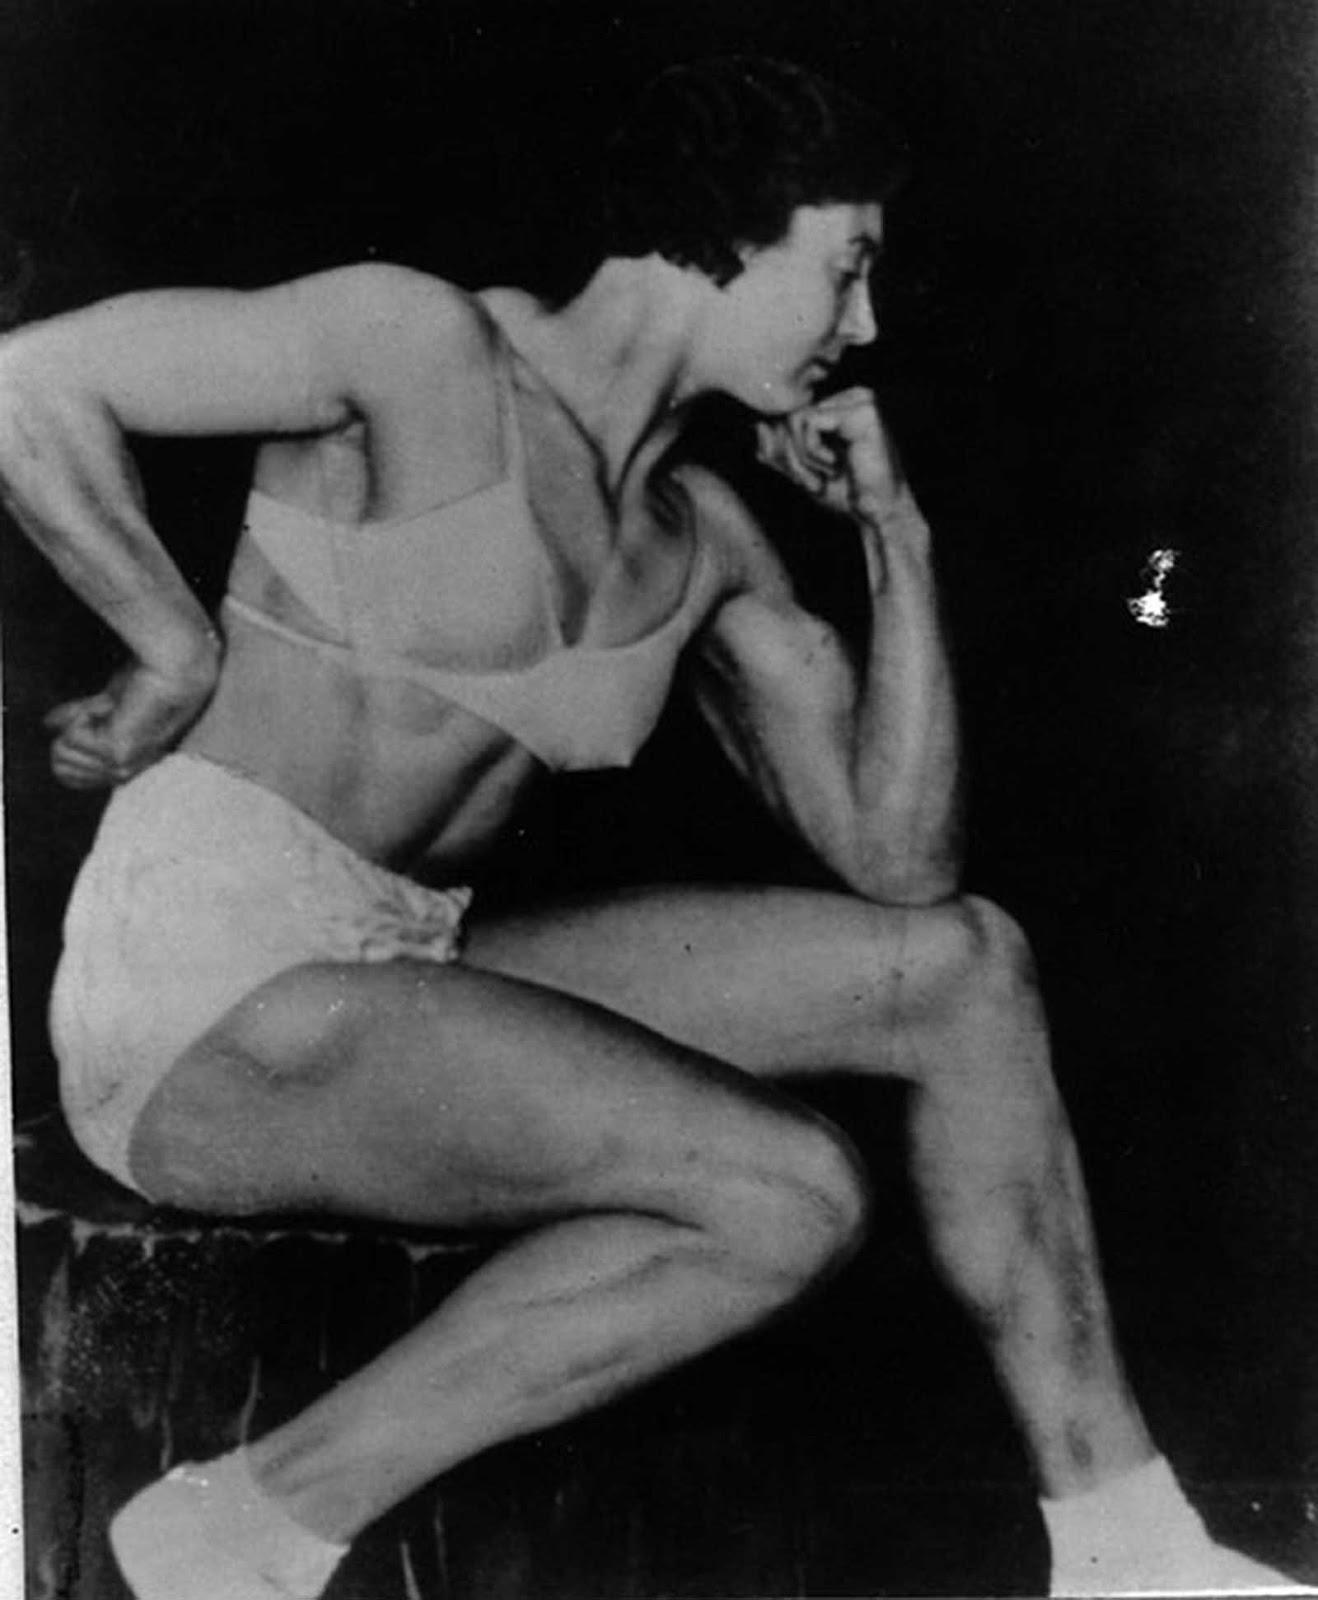 Otra foto del impresionante físico de Ivy Russel.